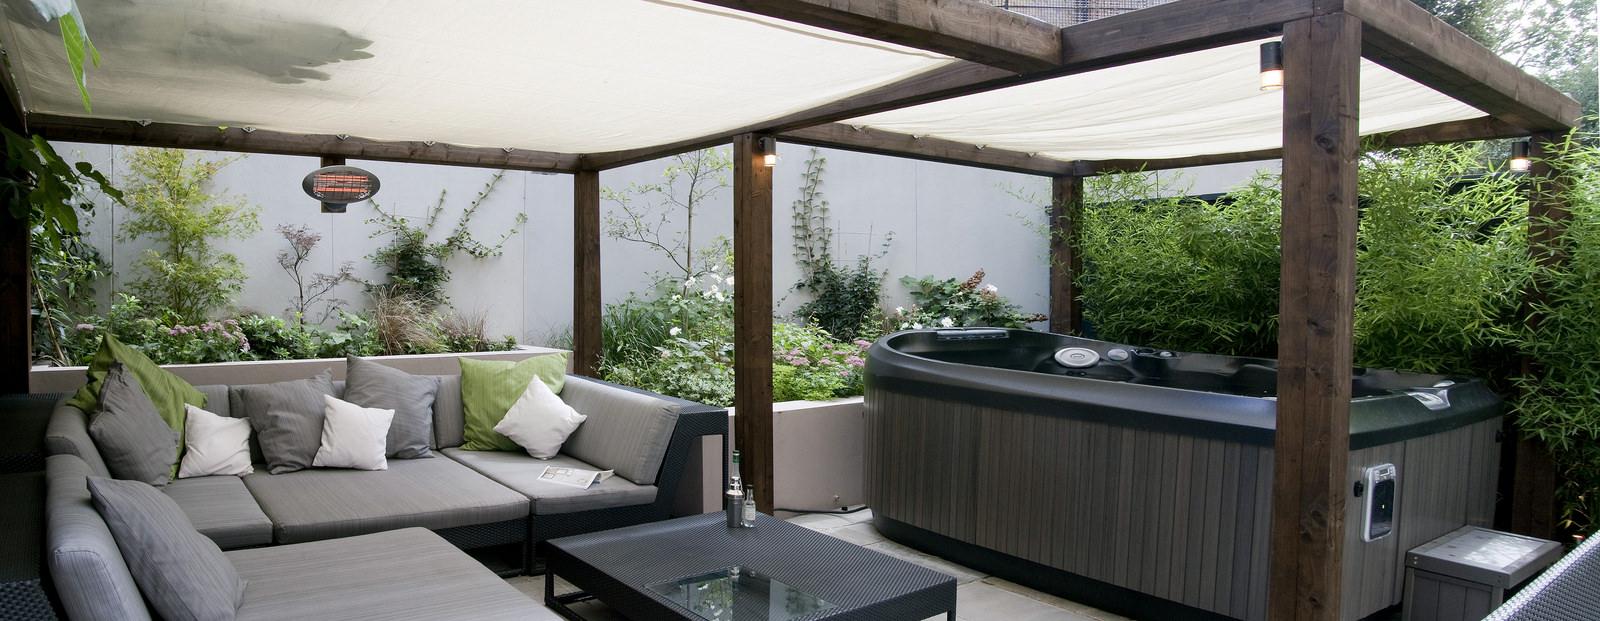 29 Contemporary Porch Designs Home Designs Design Trends